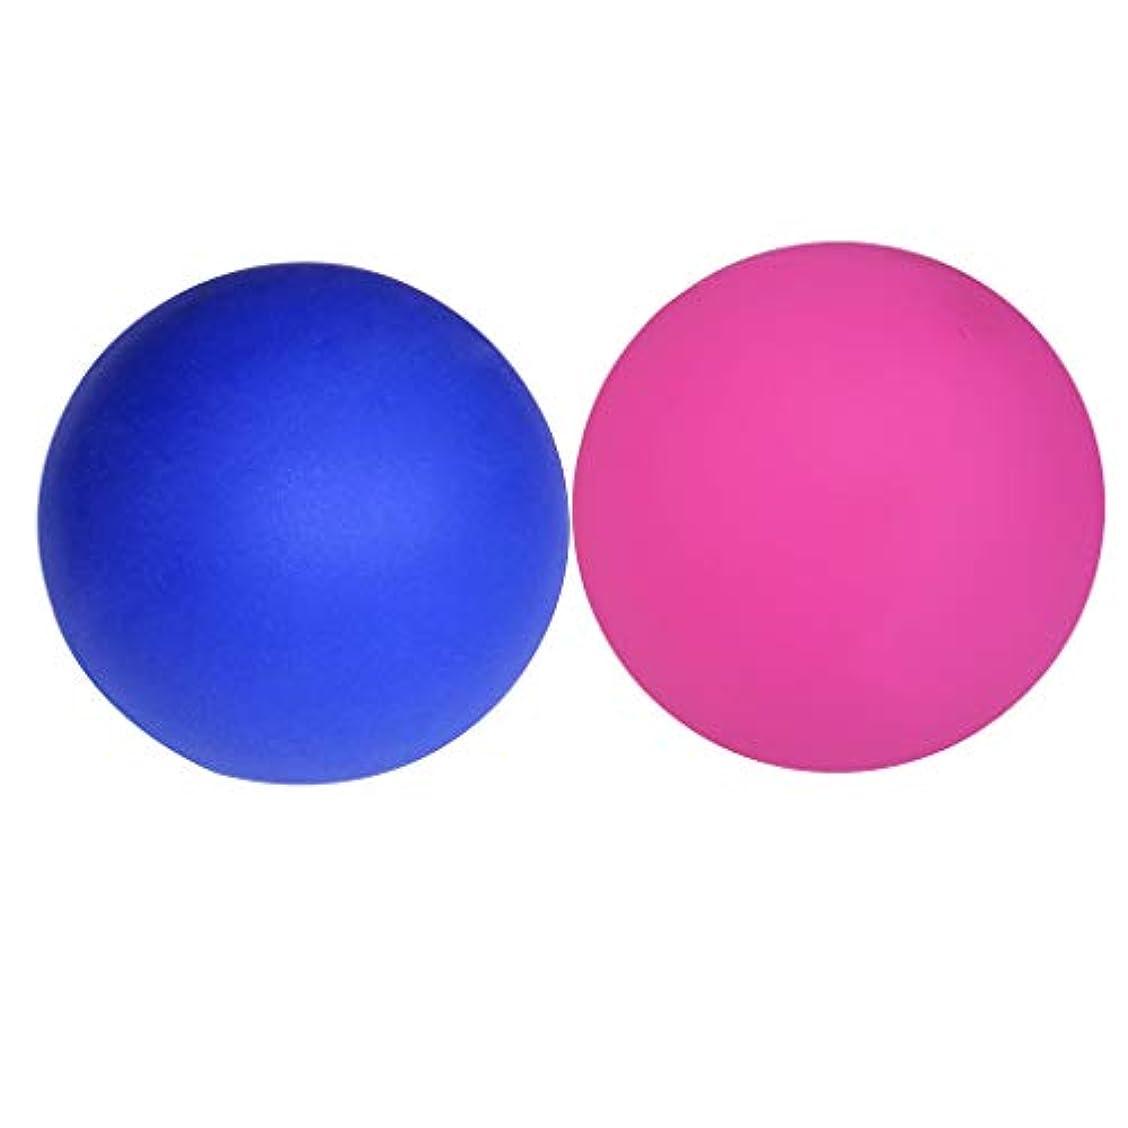 拡声器の間で生物学KESOTO 2個 ラクロスマッサージボール マッサージ マッサージャー ボール リリース ポイントマッサージ